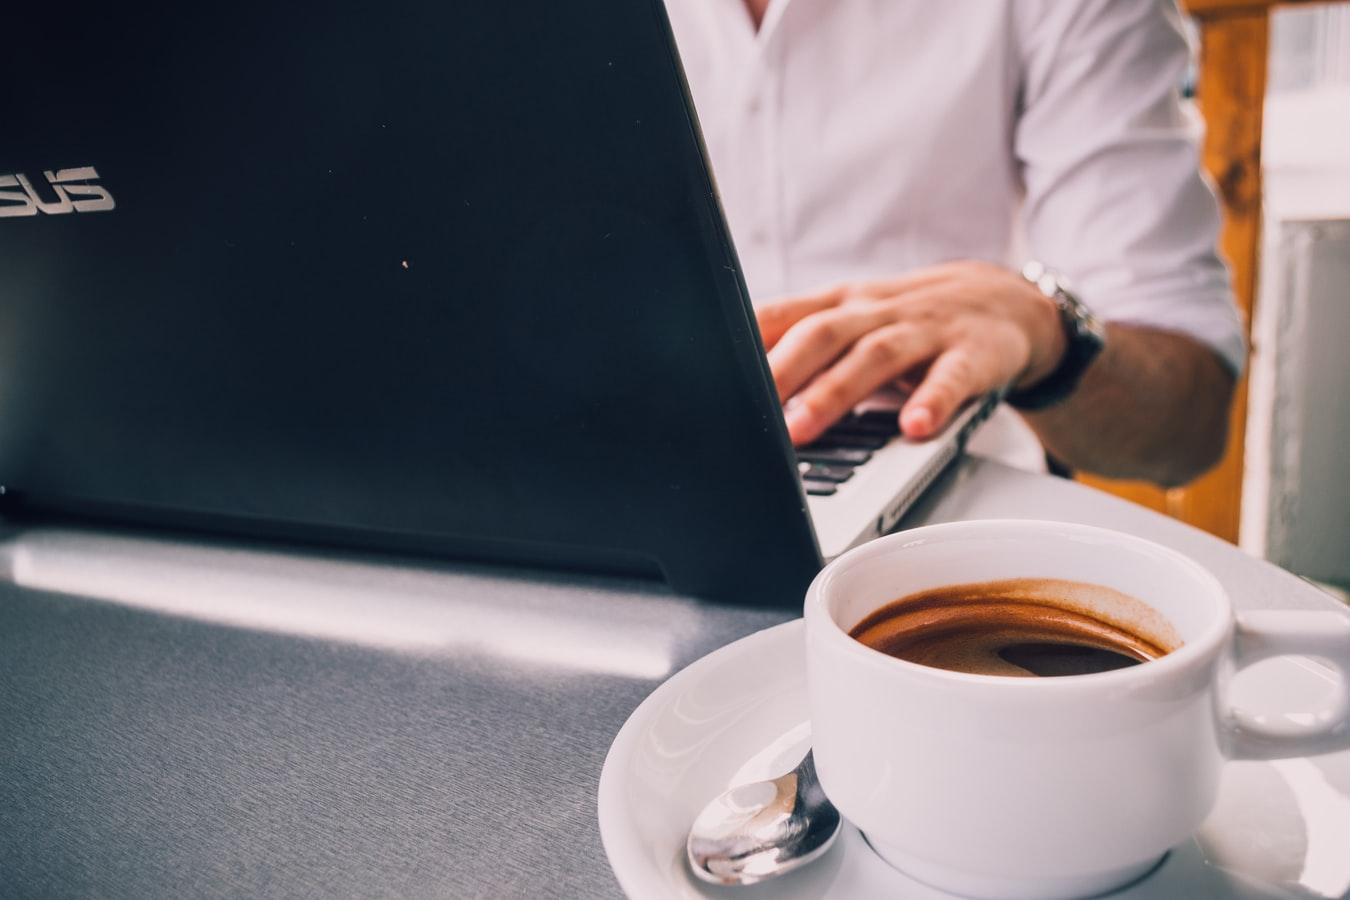 Um homem fazendo a consulta nfe completa em seu computador enquanto toma uma xícara de café.